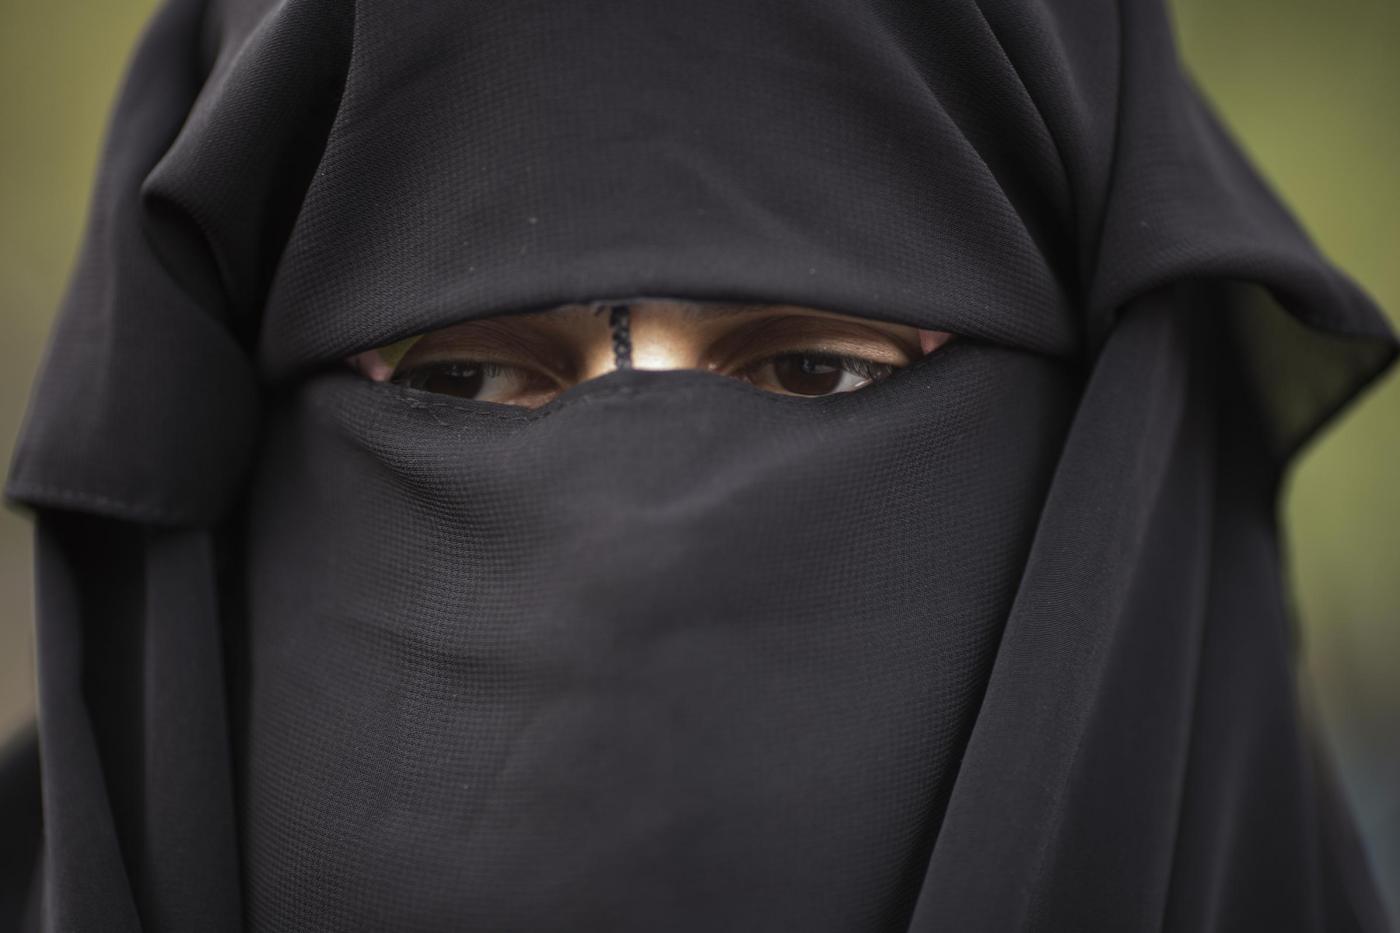 Sposo saudita chiede il divorzio il giorno delle nozze: 'Non ti avevo vista, non mi piaci'